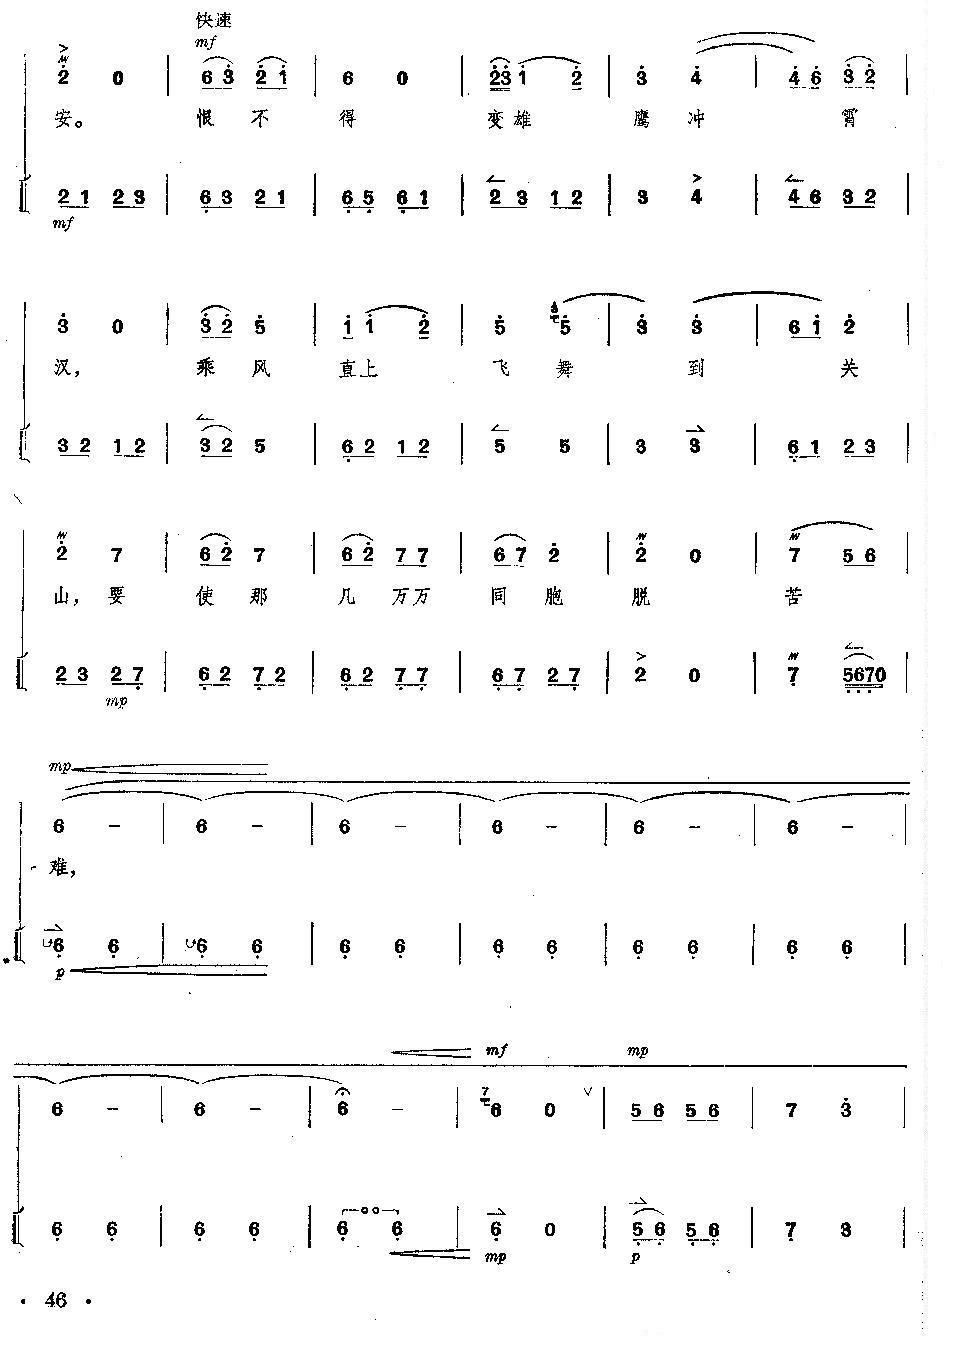 京剧 红灯记 全剧 唱谱 琴谱 第46 50页